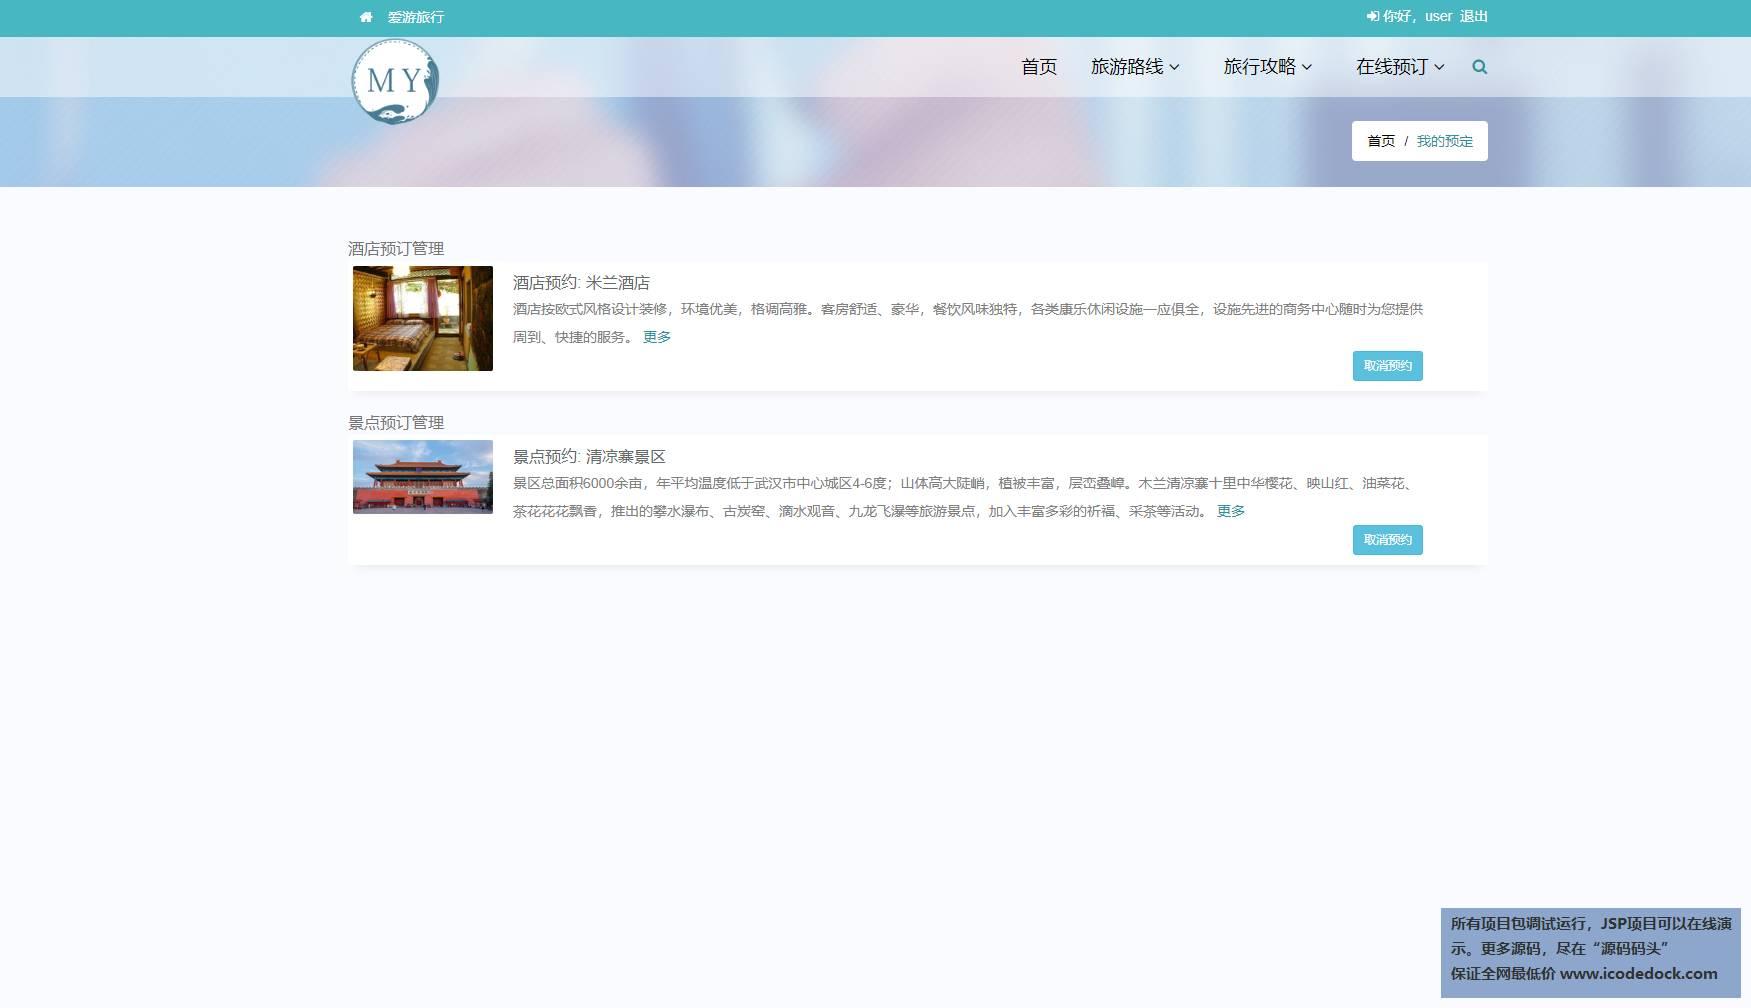 源码码头-SpringBoot旅游综合服务平台-用户角色-查看我的预定